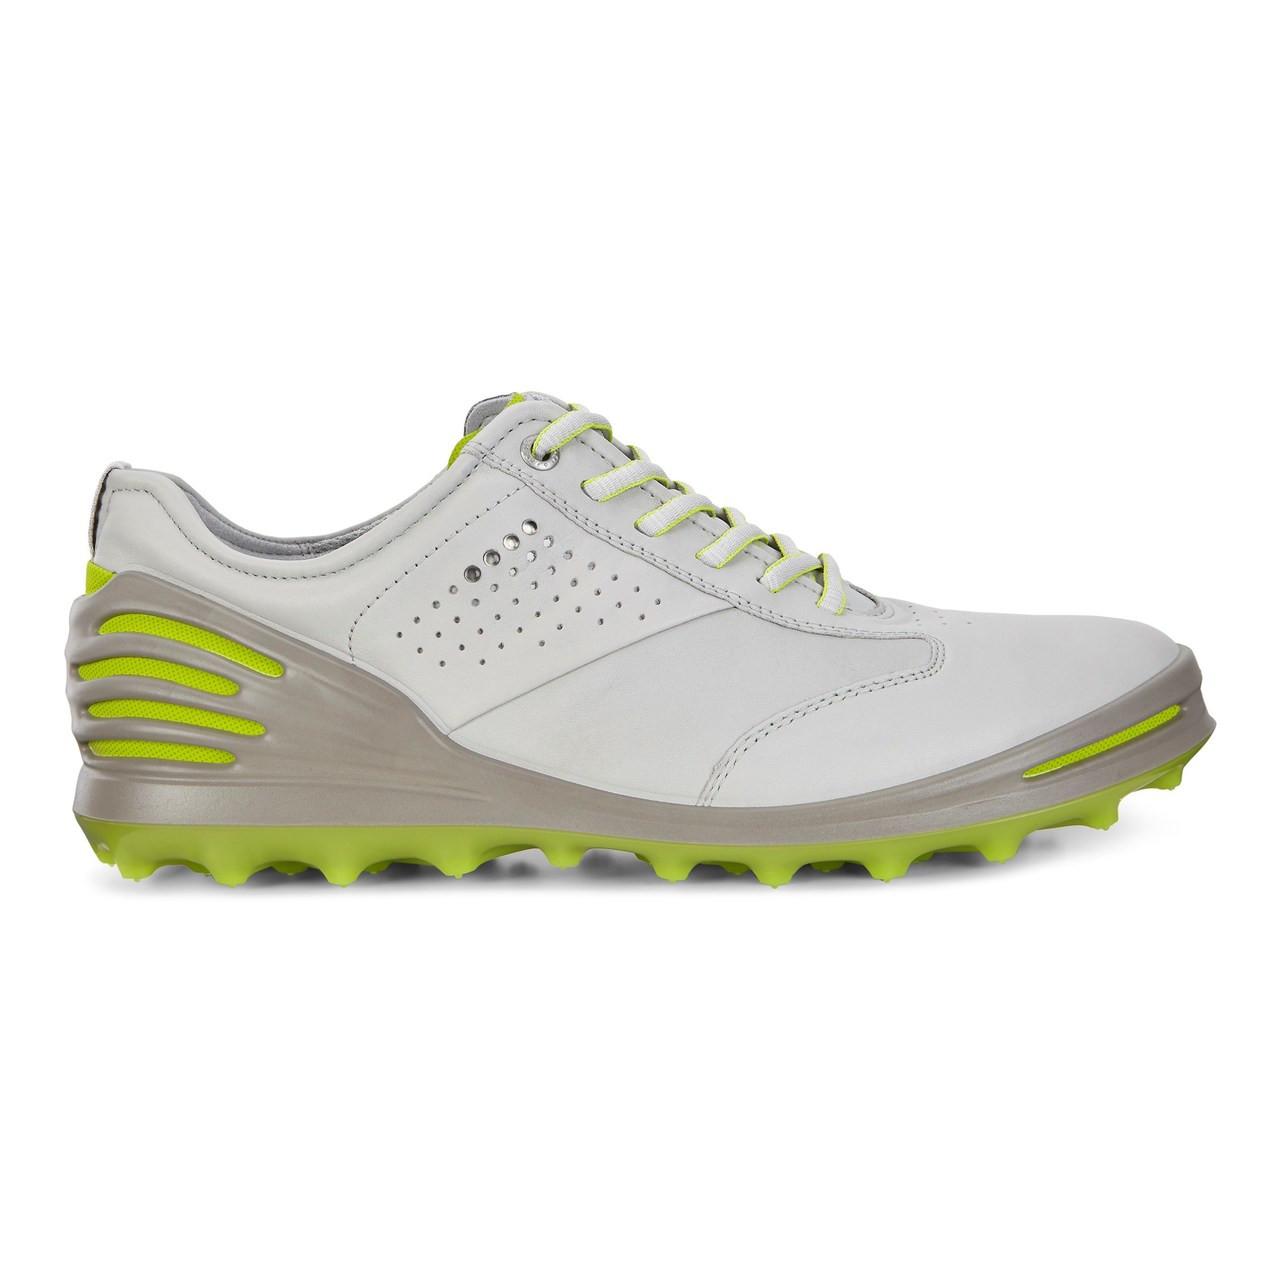 Ecco Mens Cage Pro Golf Shoes Concrete  fd67365c586